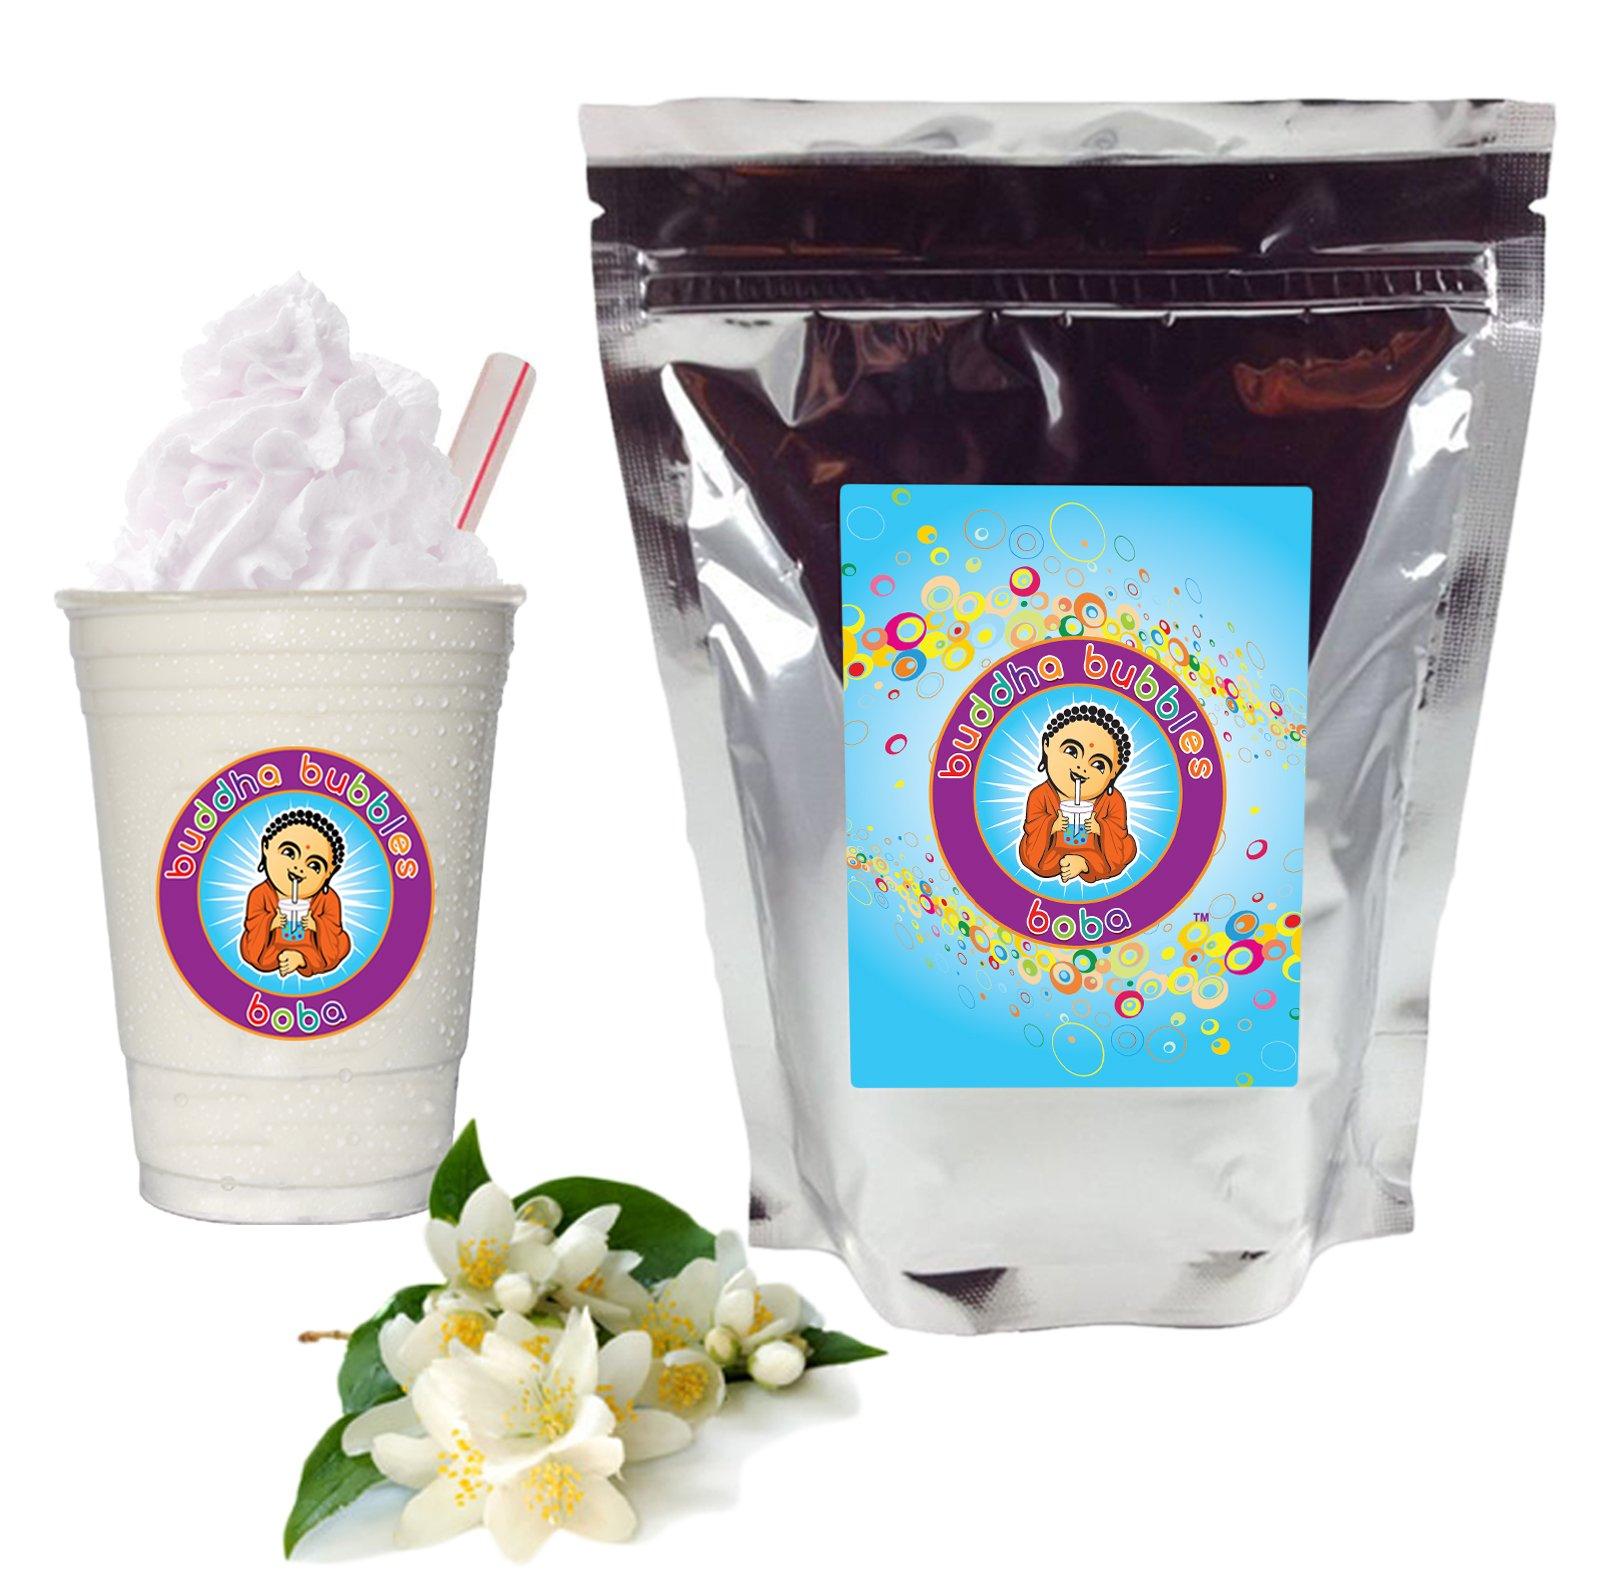 Jasmine Milk Tea Boba/Bubble Tea By Buddha Bubbles Boba 10 Ounces (283 Grams)